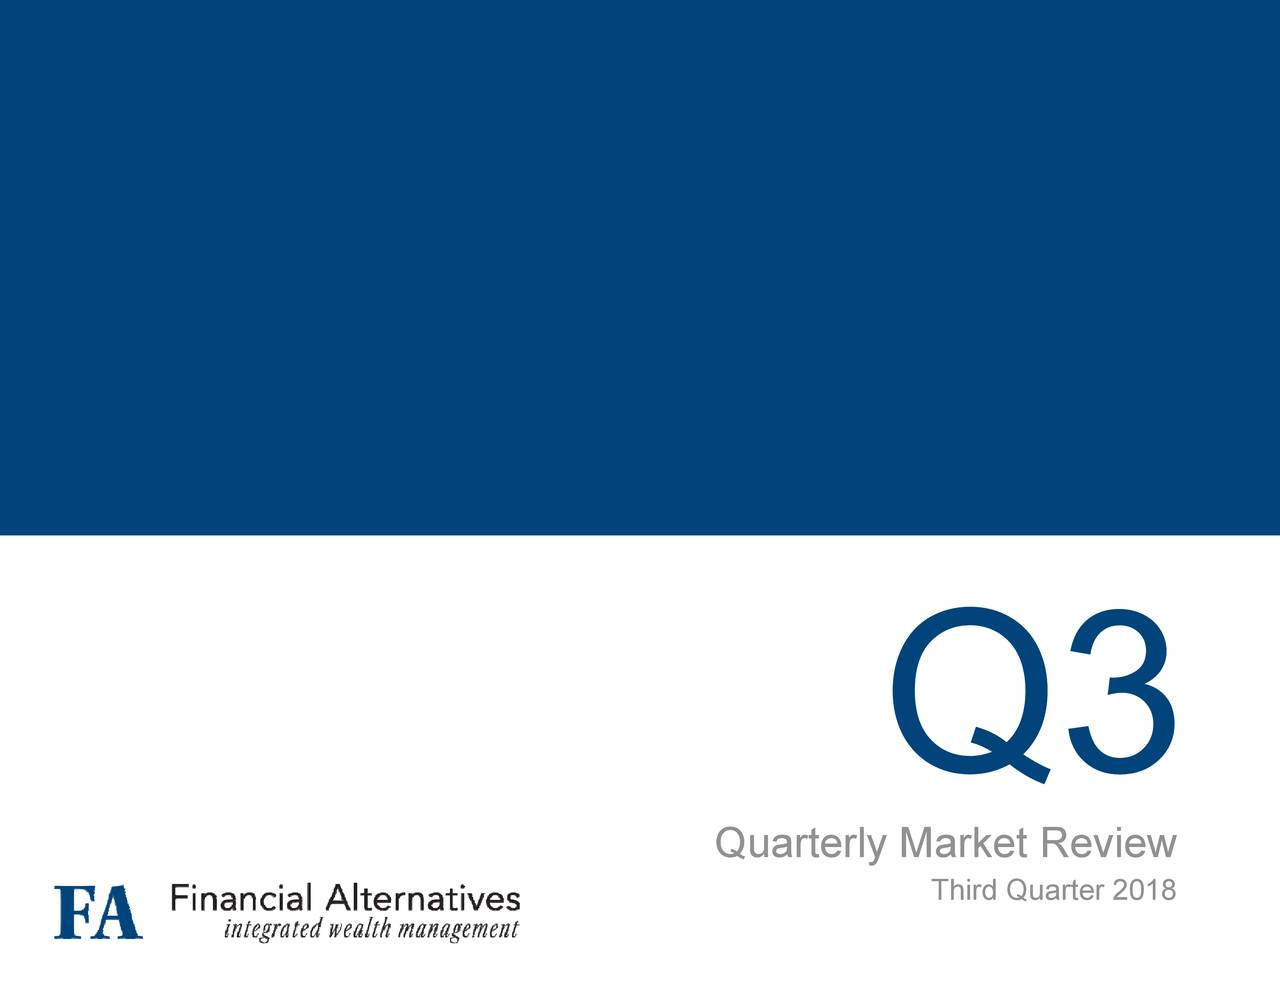 Quarterly Market Review